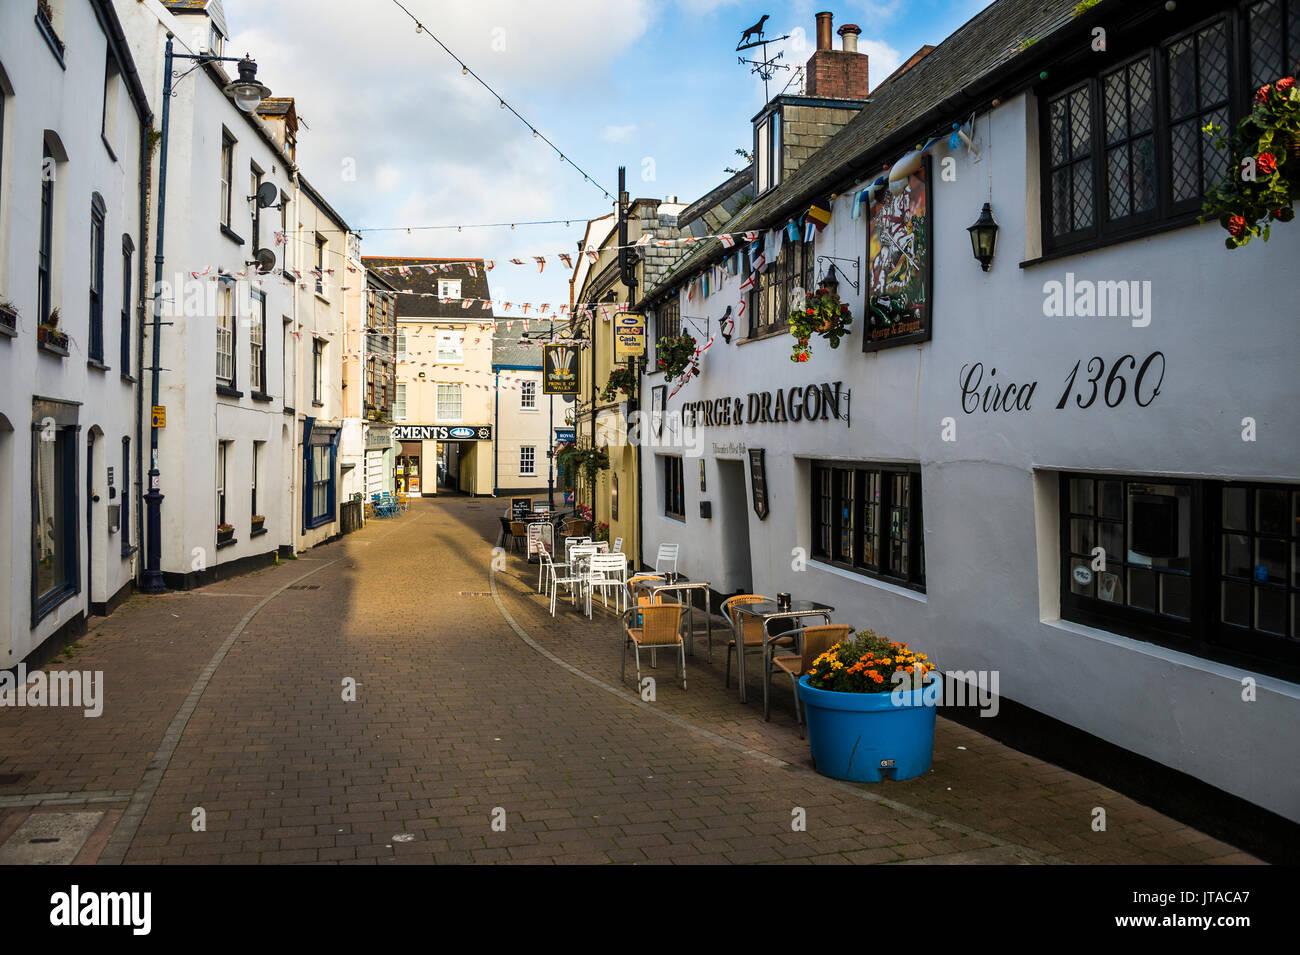 Pintoresca ciudad portuaria de Ifracombe, North Devon, Inglaterra, Reino Unido, Europa Imagen De Stock